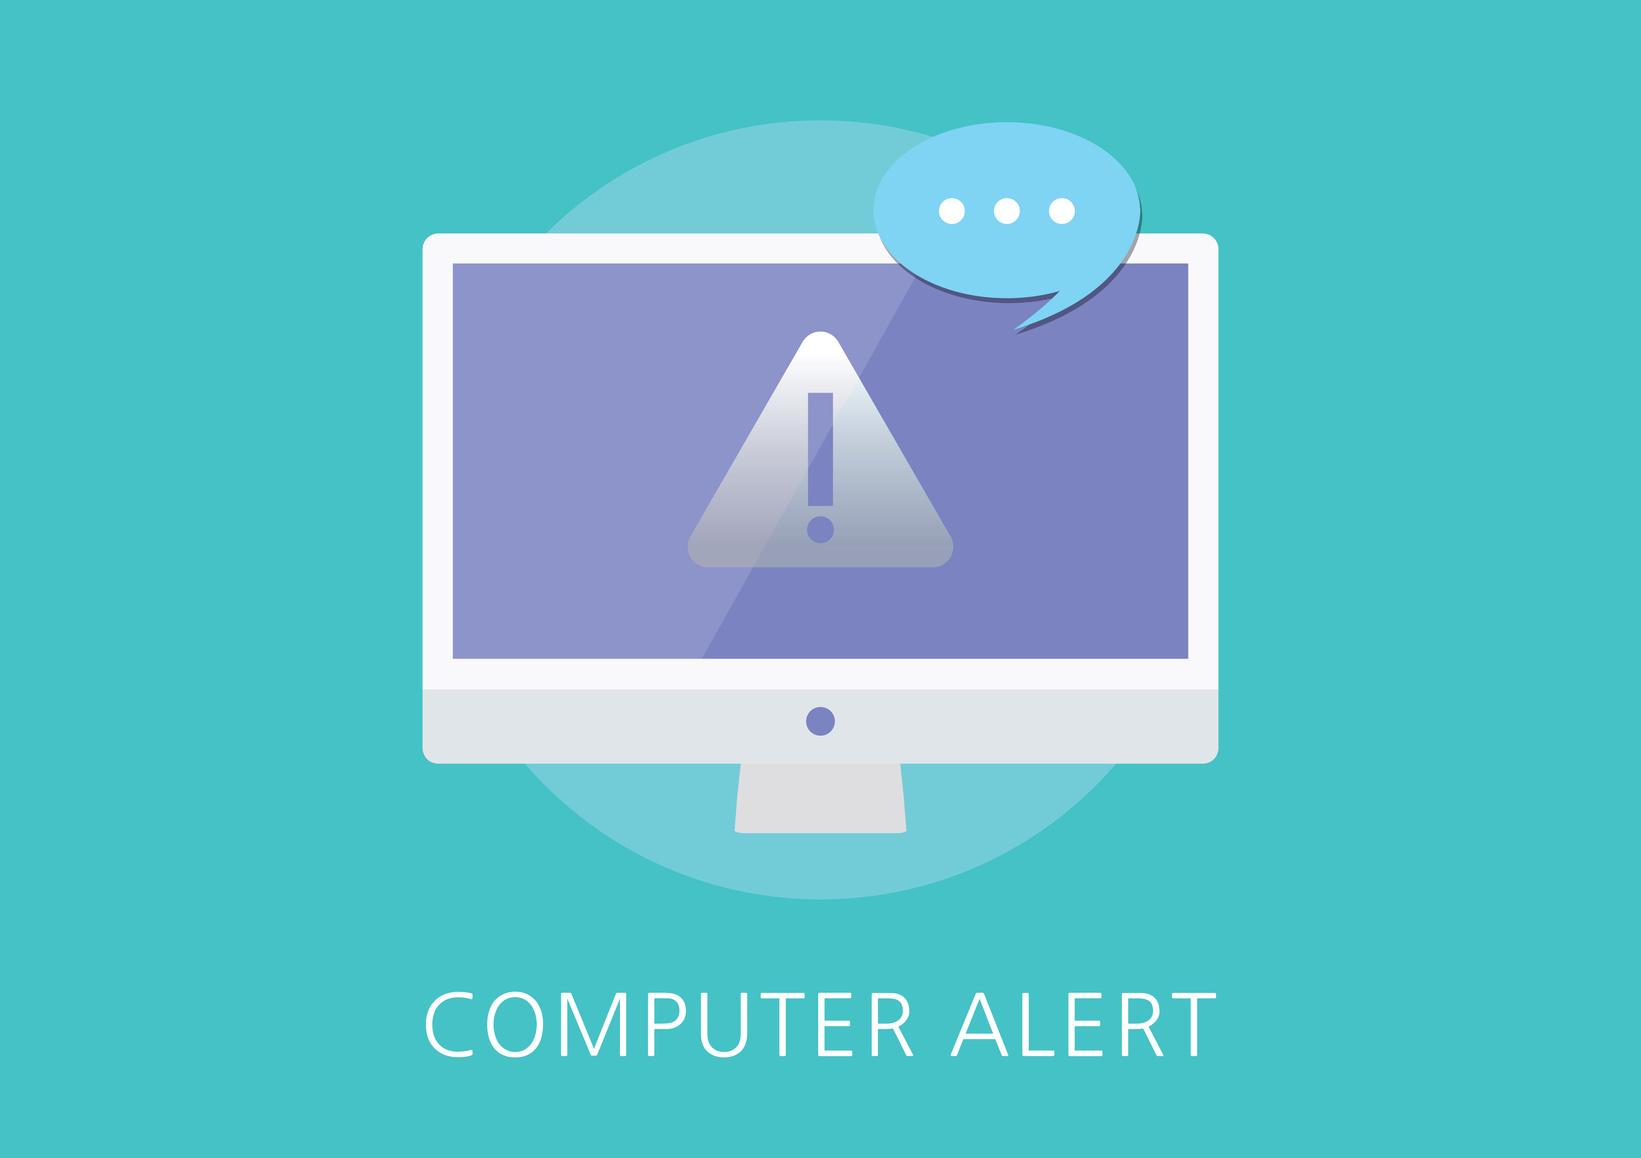 Revolution technologique : quelle perspective pour la lutte contre la fraude ? (1/2)